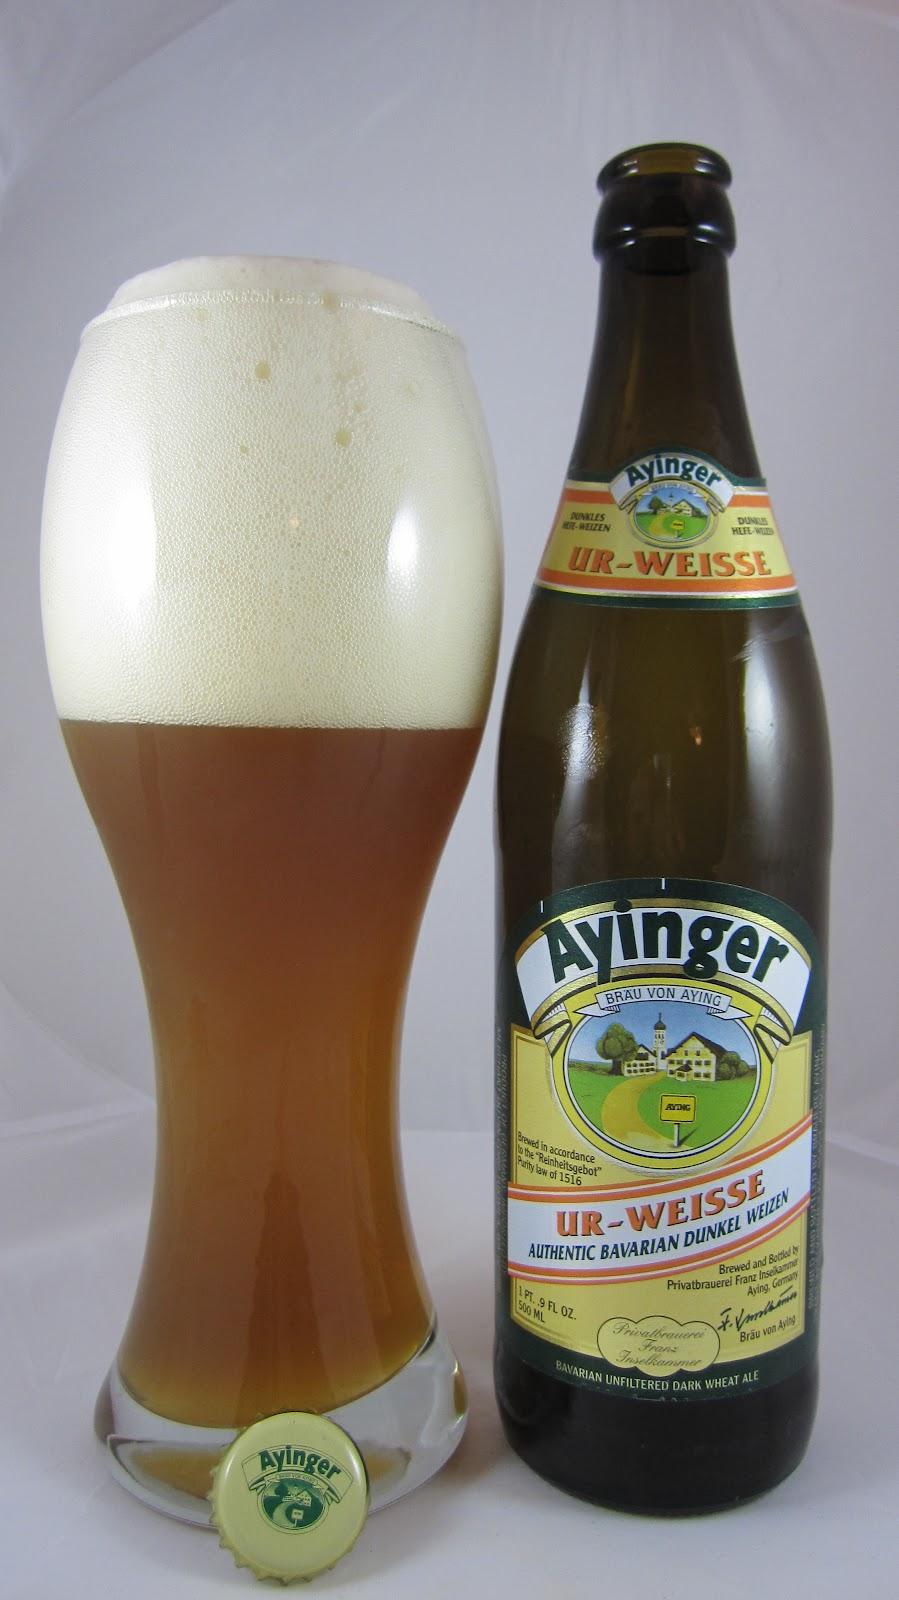 Ayinger Ur Weisse, a classic dunkelweizen